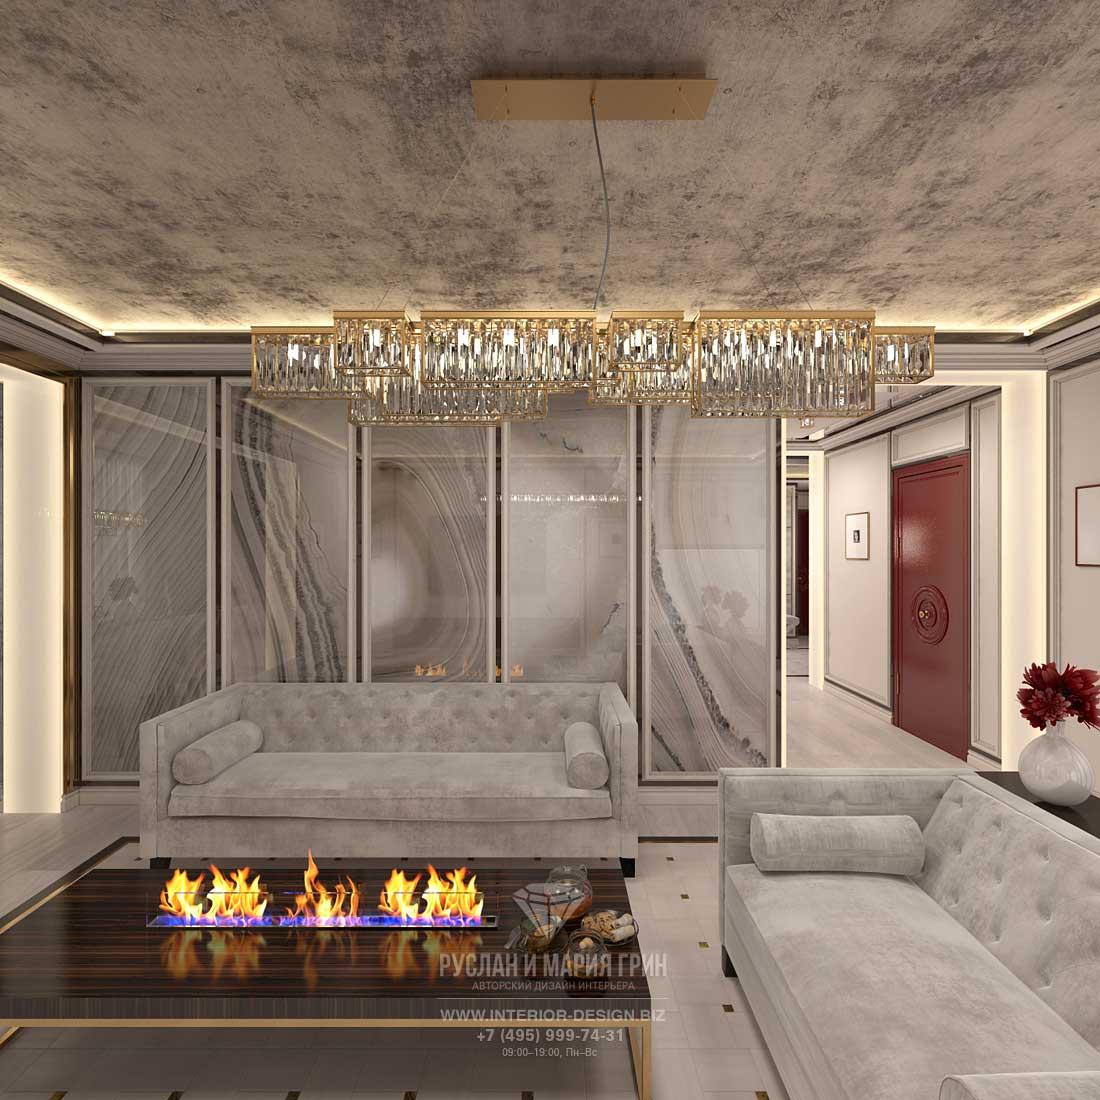 Ар-деко в интерьере гостиной с камином